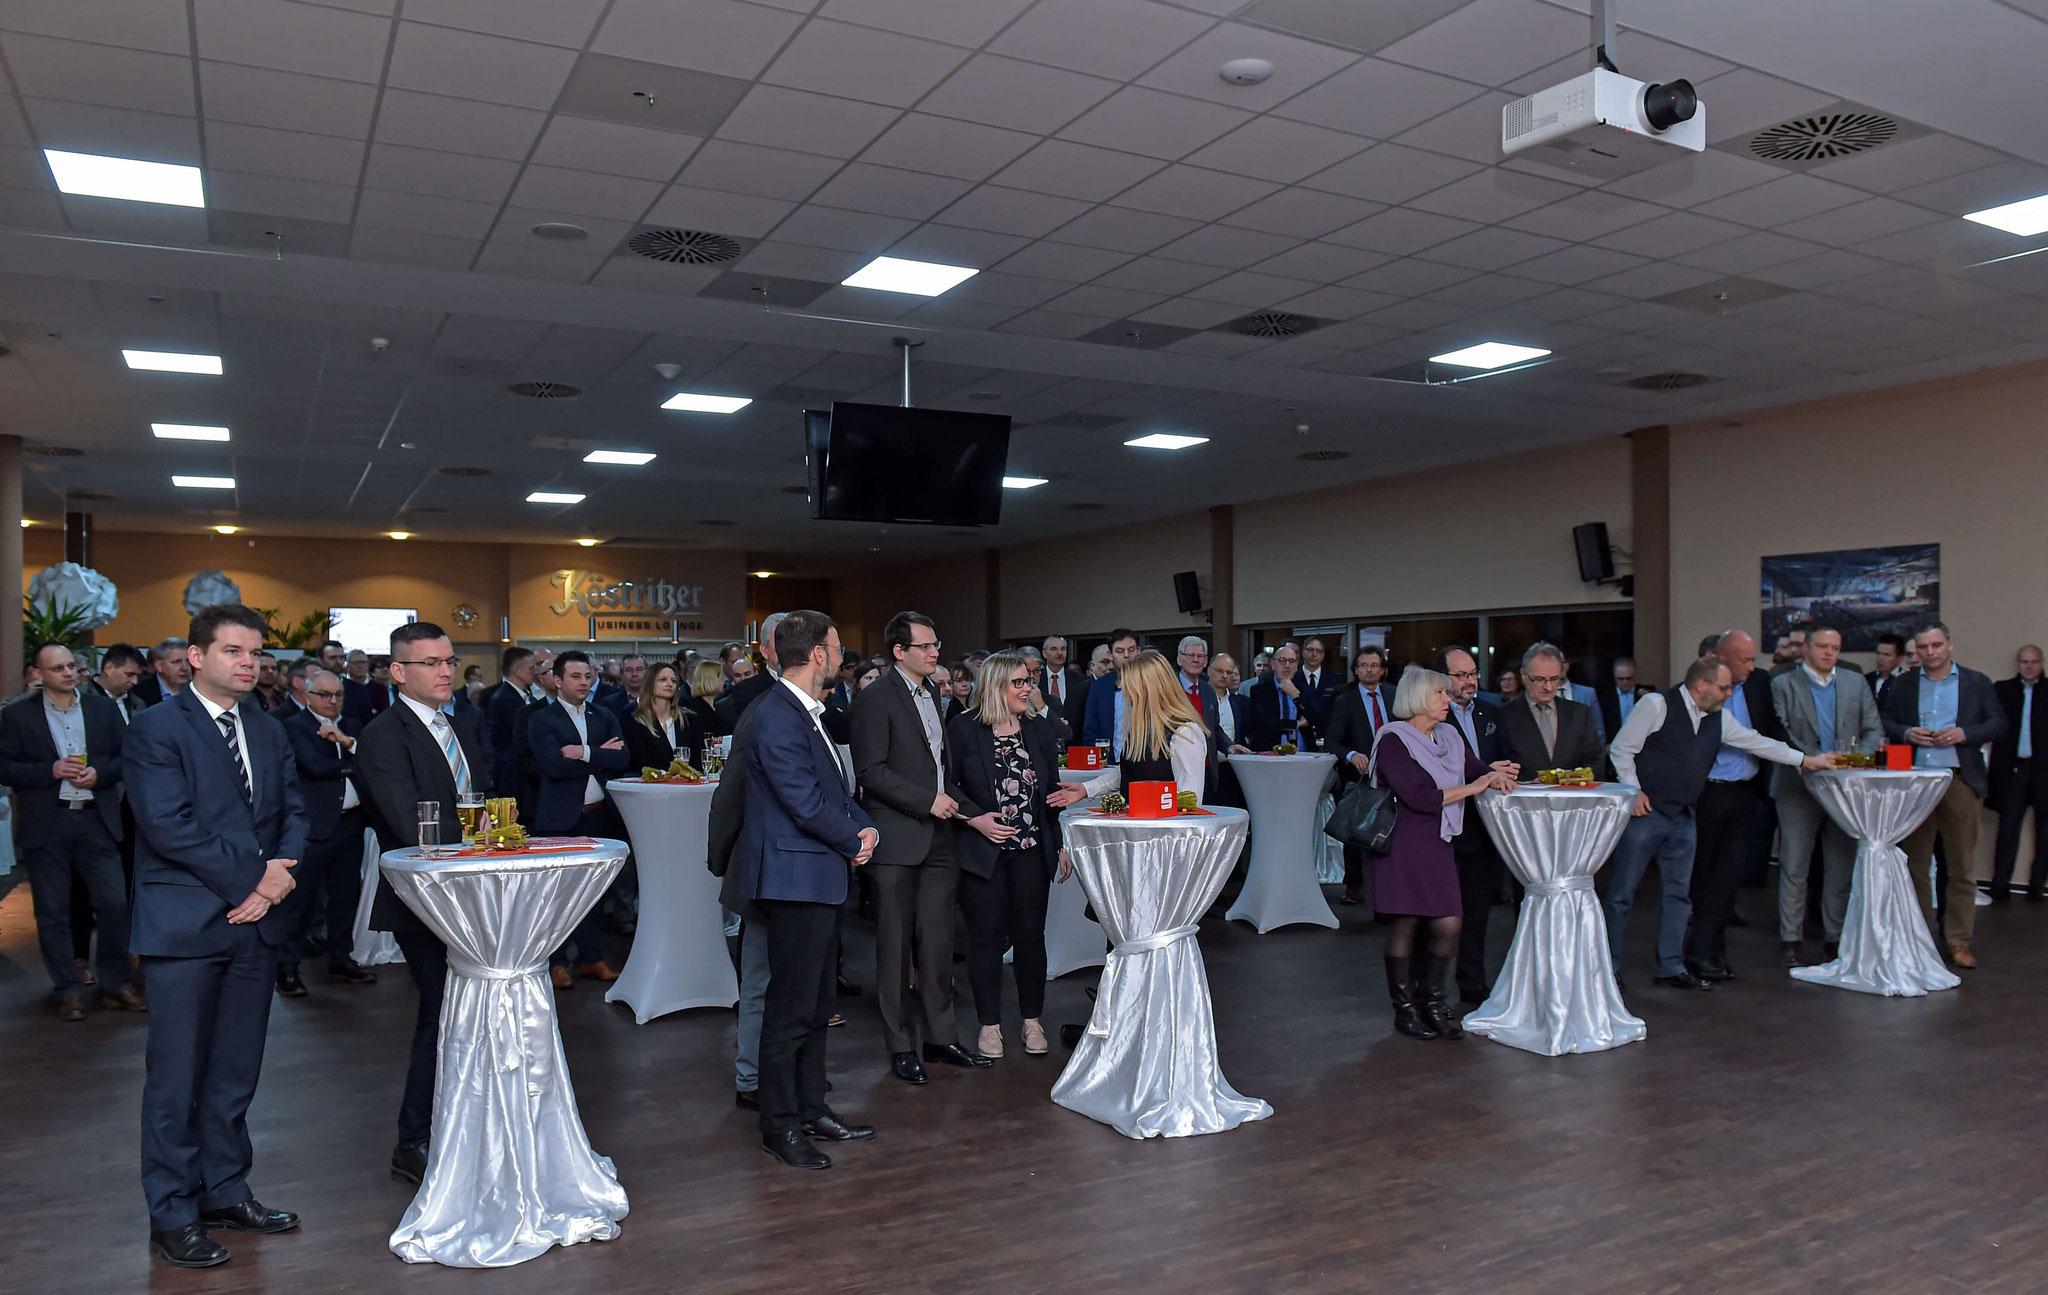 Zahlreiche Gäste waren zum Neujahrsempfang gekommen